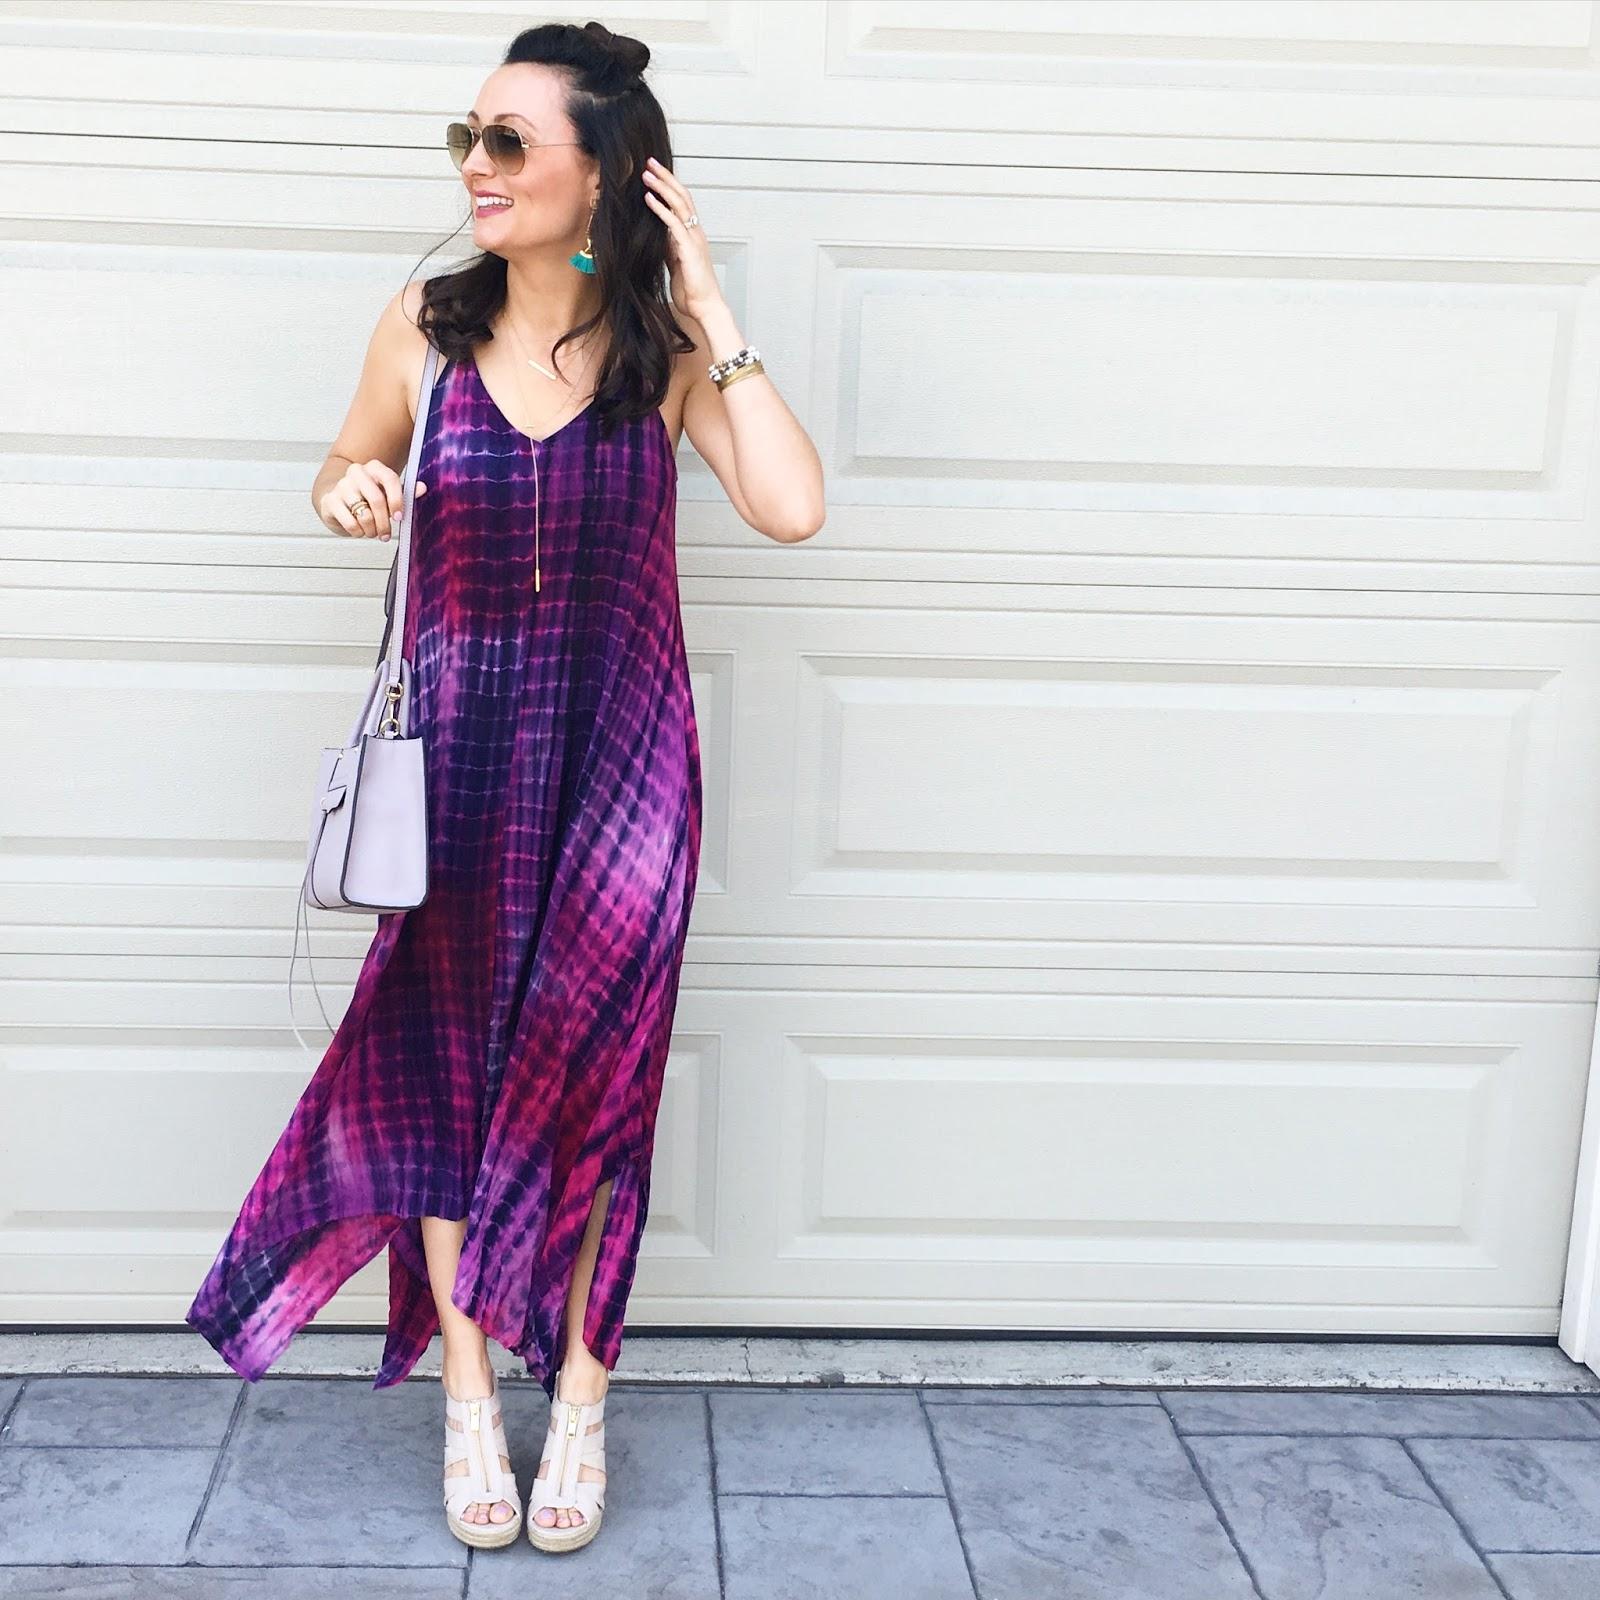 Ashley Donielle June 2016 Fiction Peplum Dress Purple Colorful Tie Dye Maxi